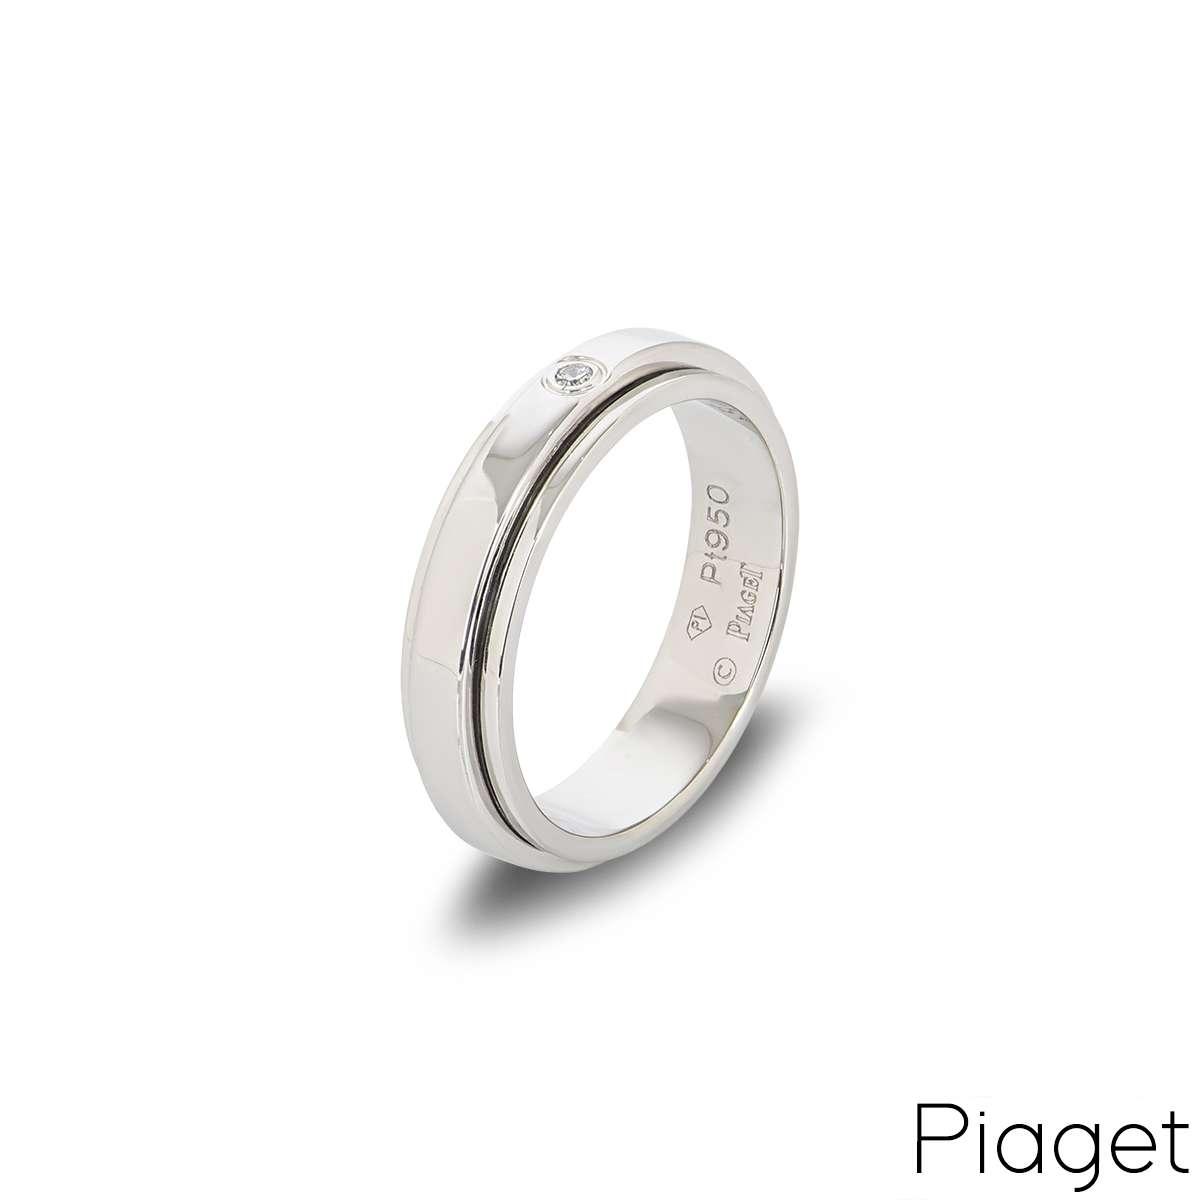 Piaget Diamond Set Possession Ring in Platinum